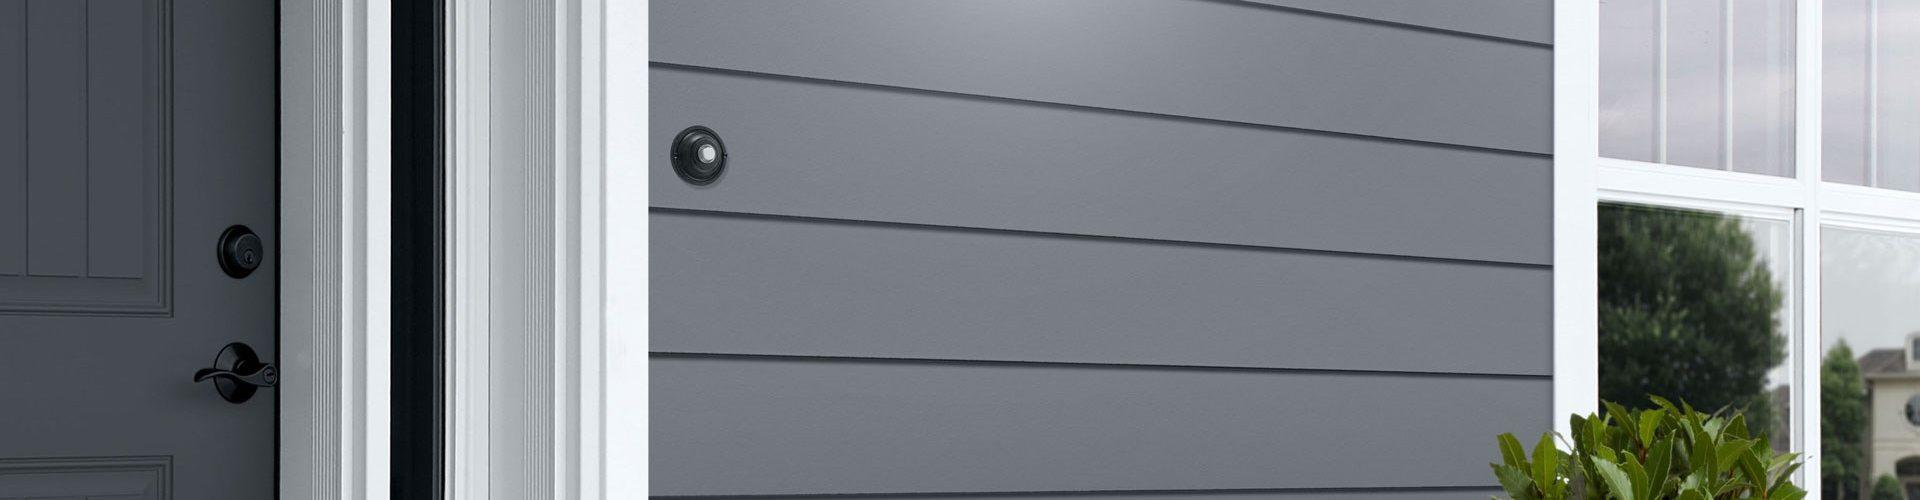 Cedral Classic C15 Ookeanihall - ülekattega sile voodrilaud